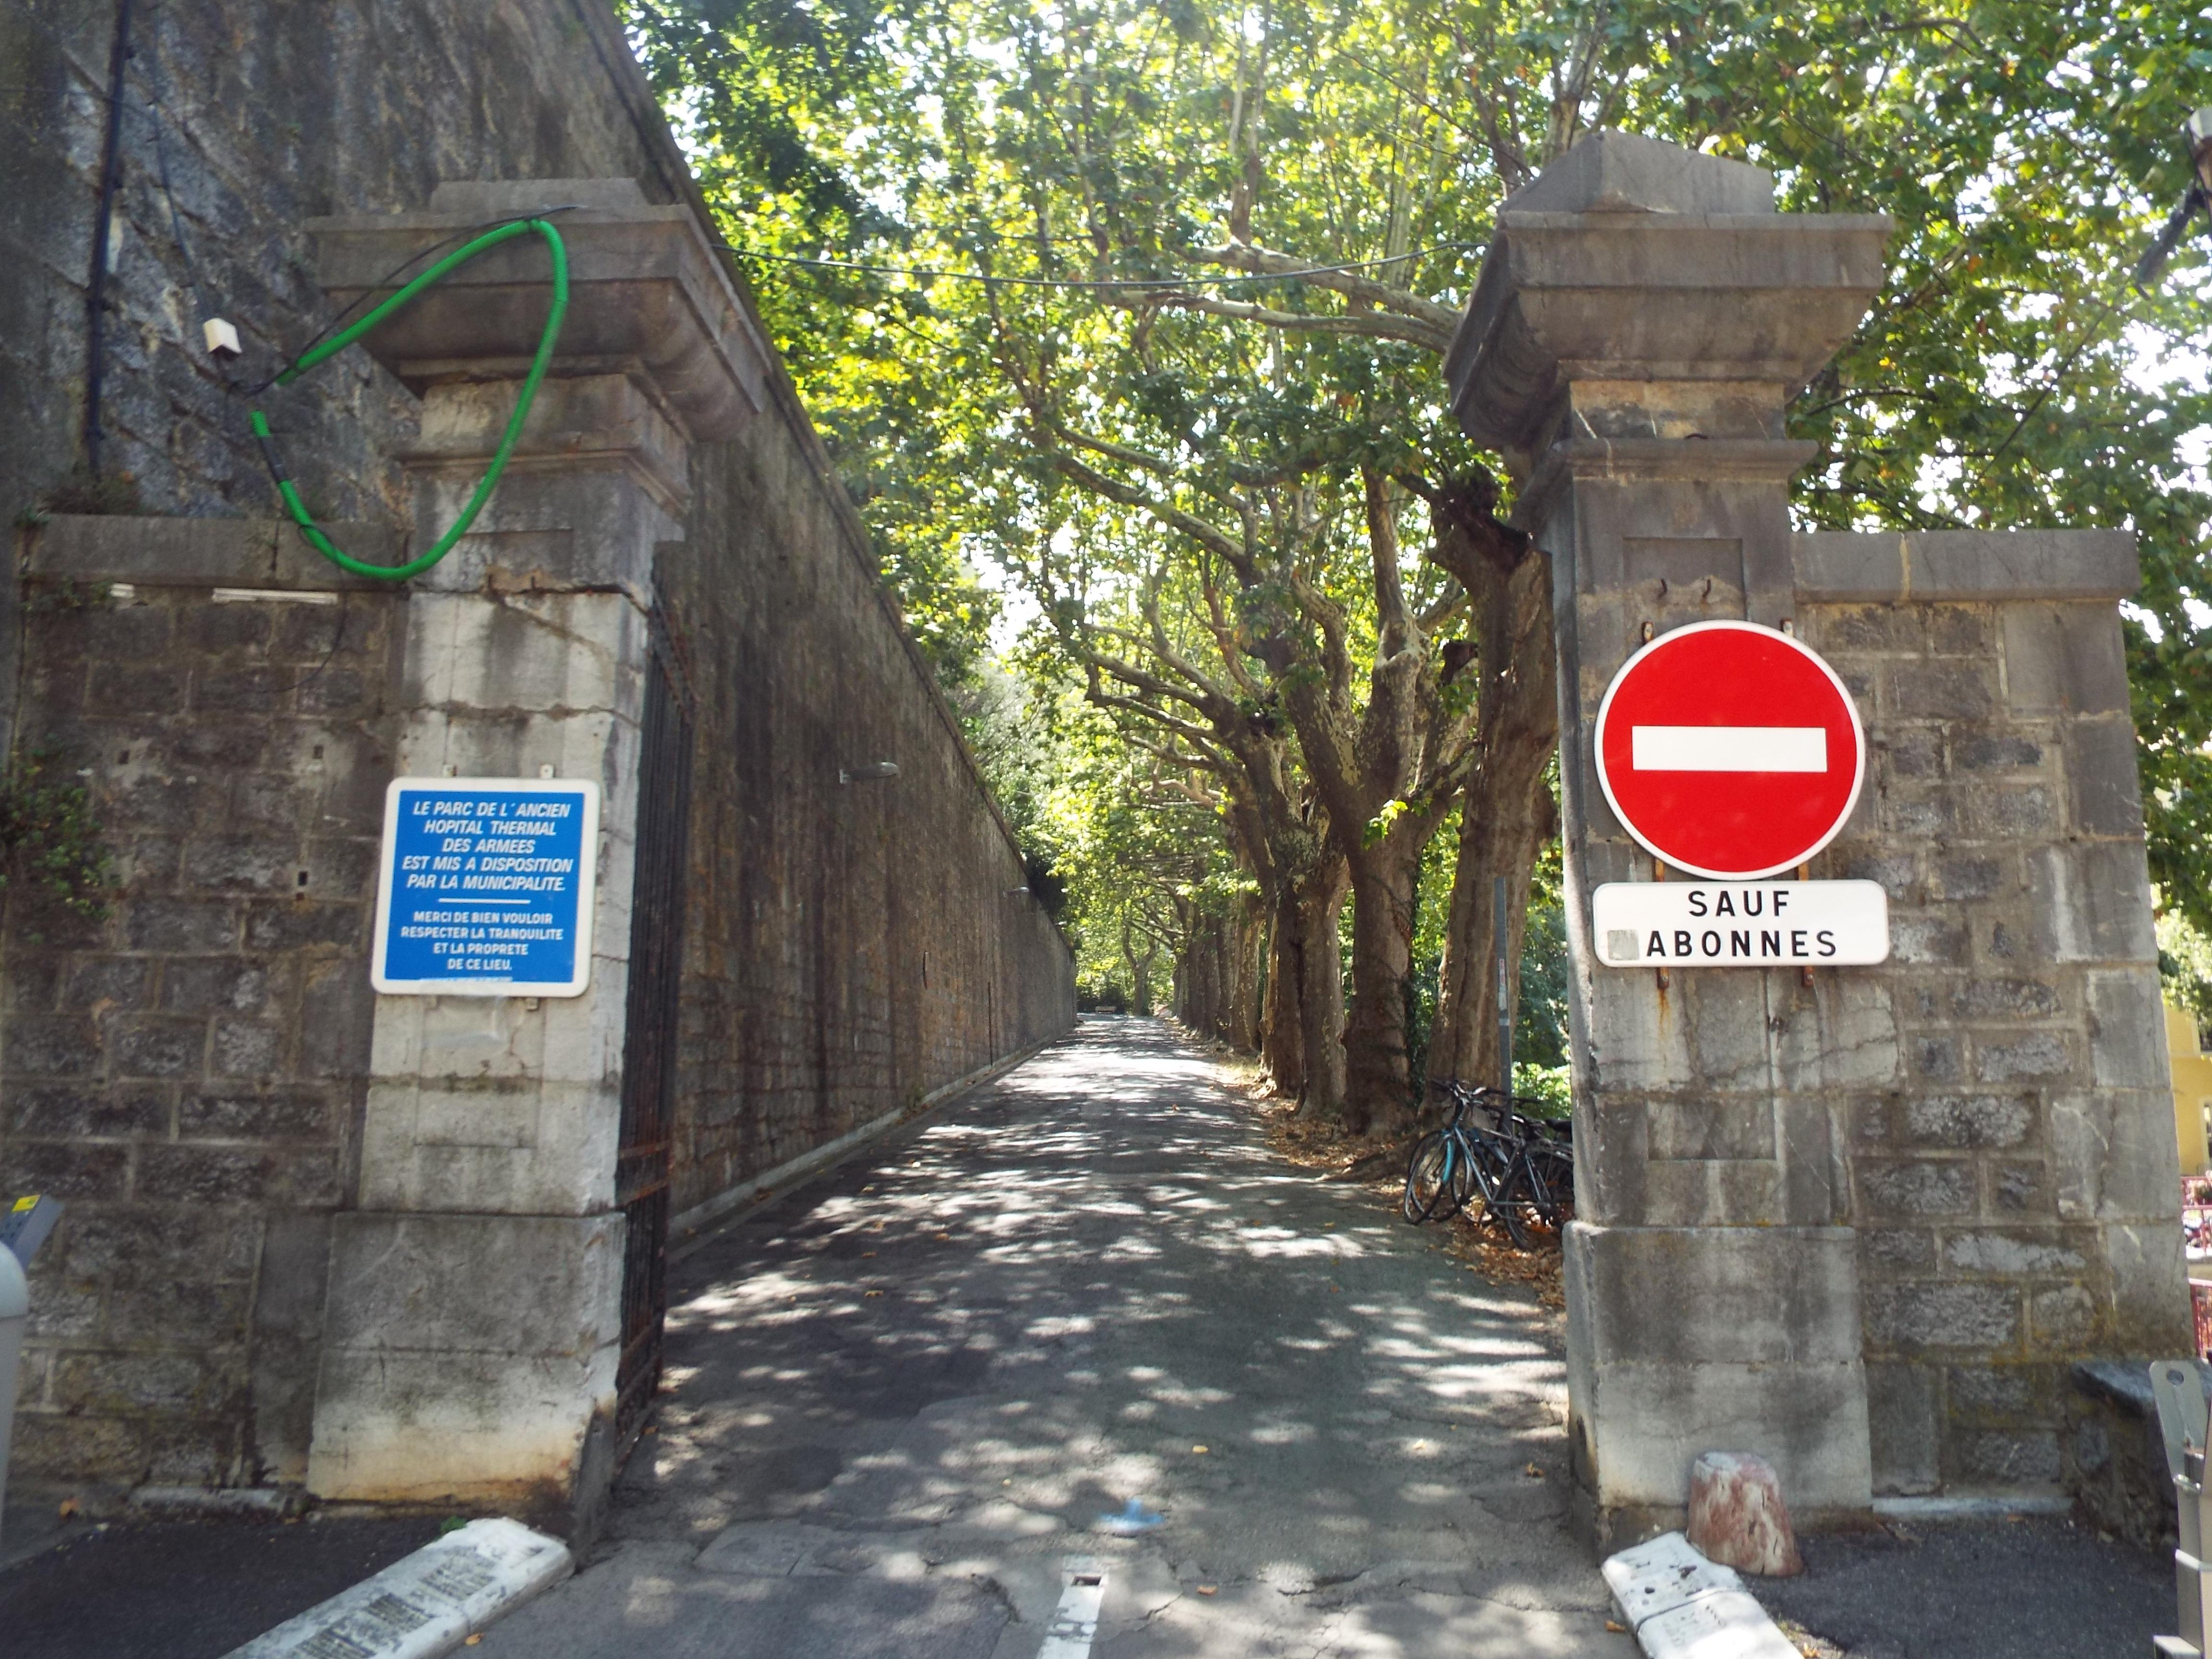 Puerta de entrada al complejo del antiguo hospital militar, en la actualidad.